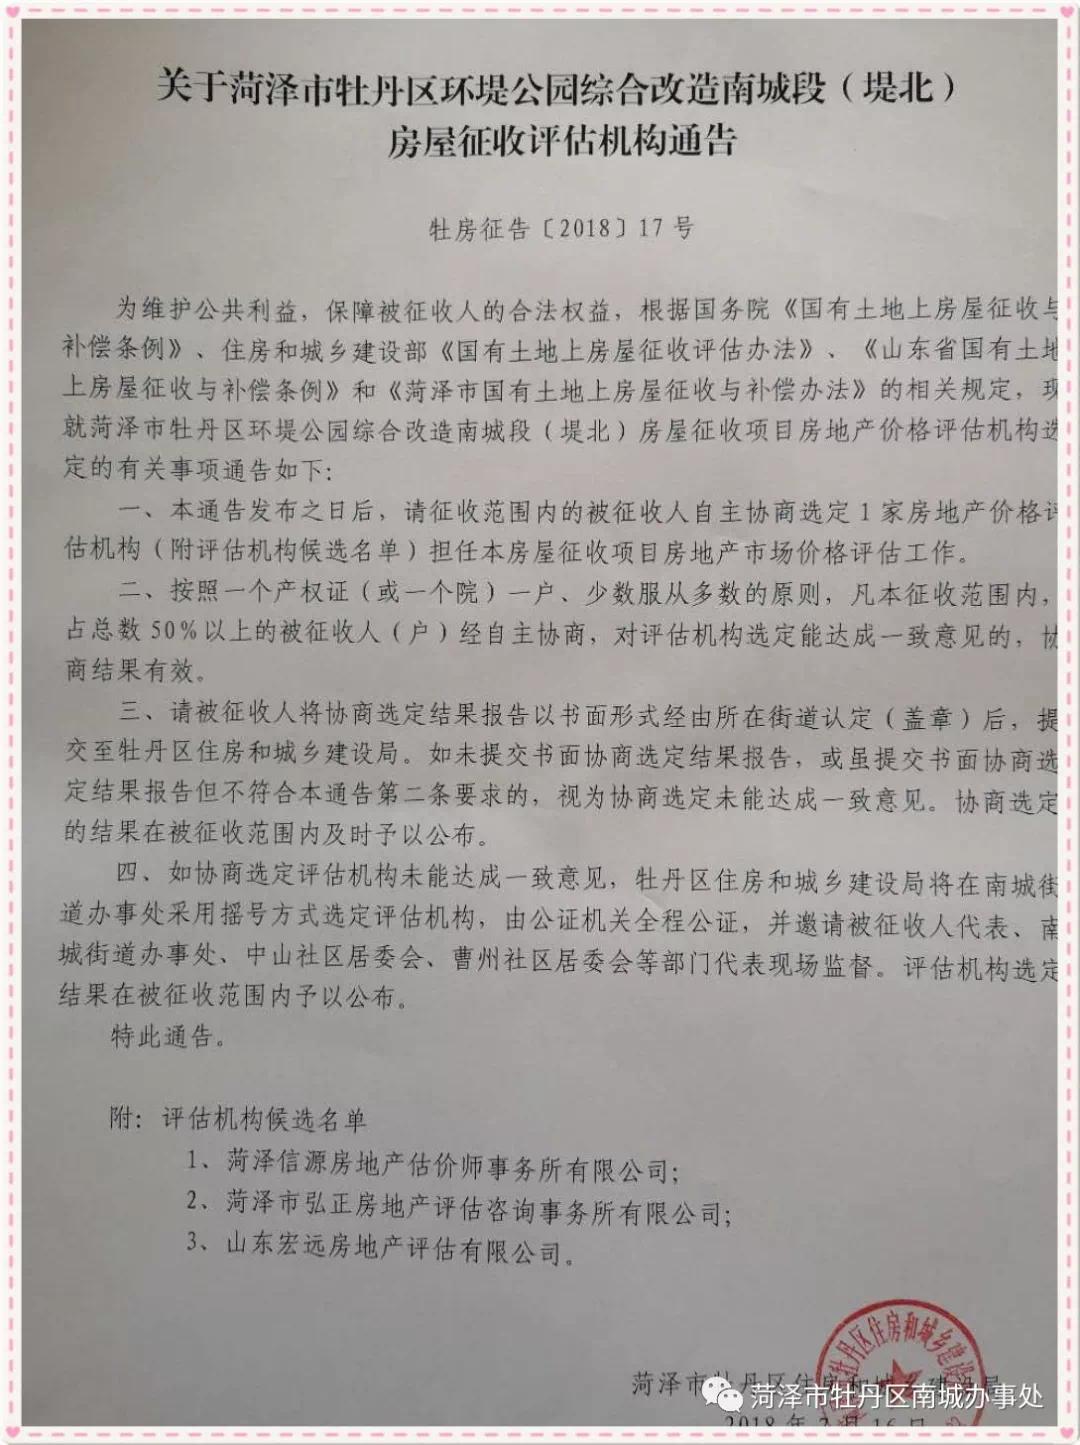 菏泽环堤公园综合改造项目即将开工,南城段房屋征收补偿公布!